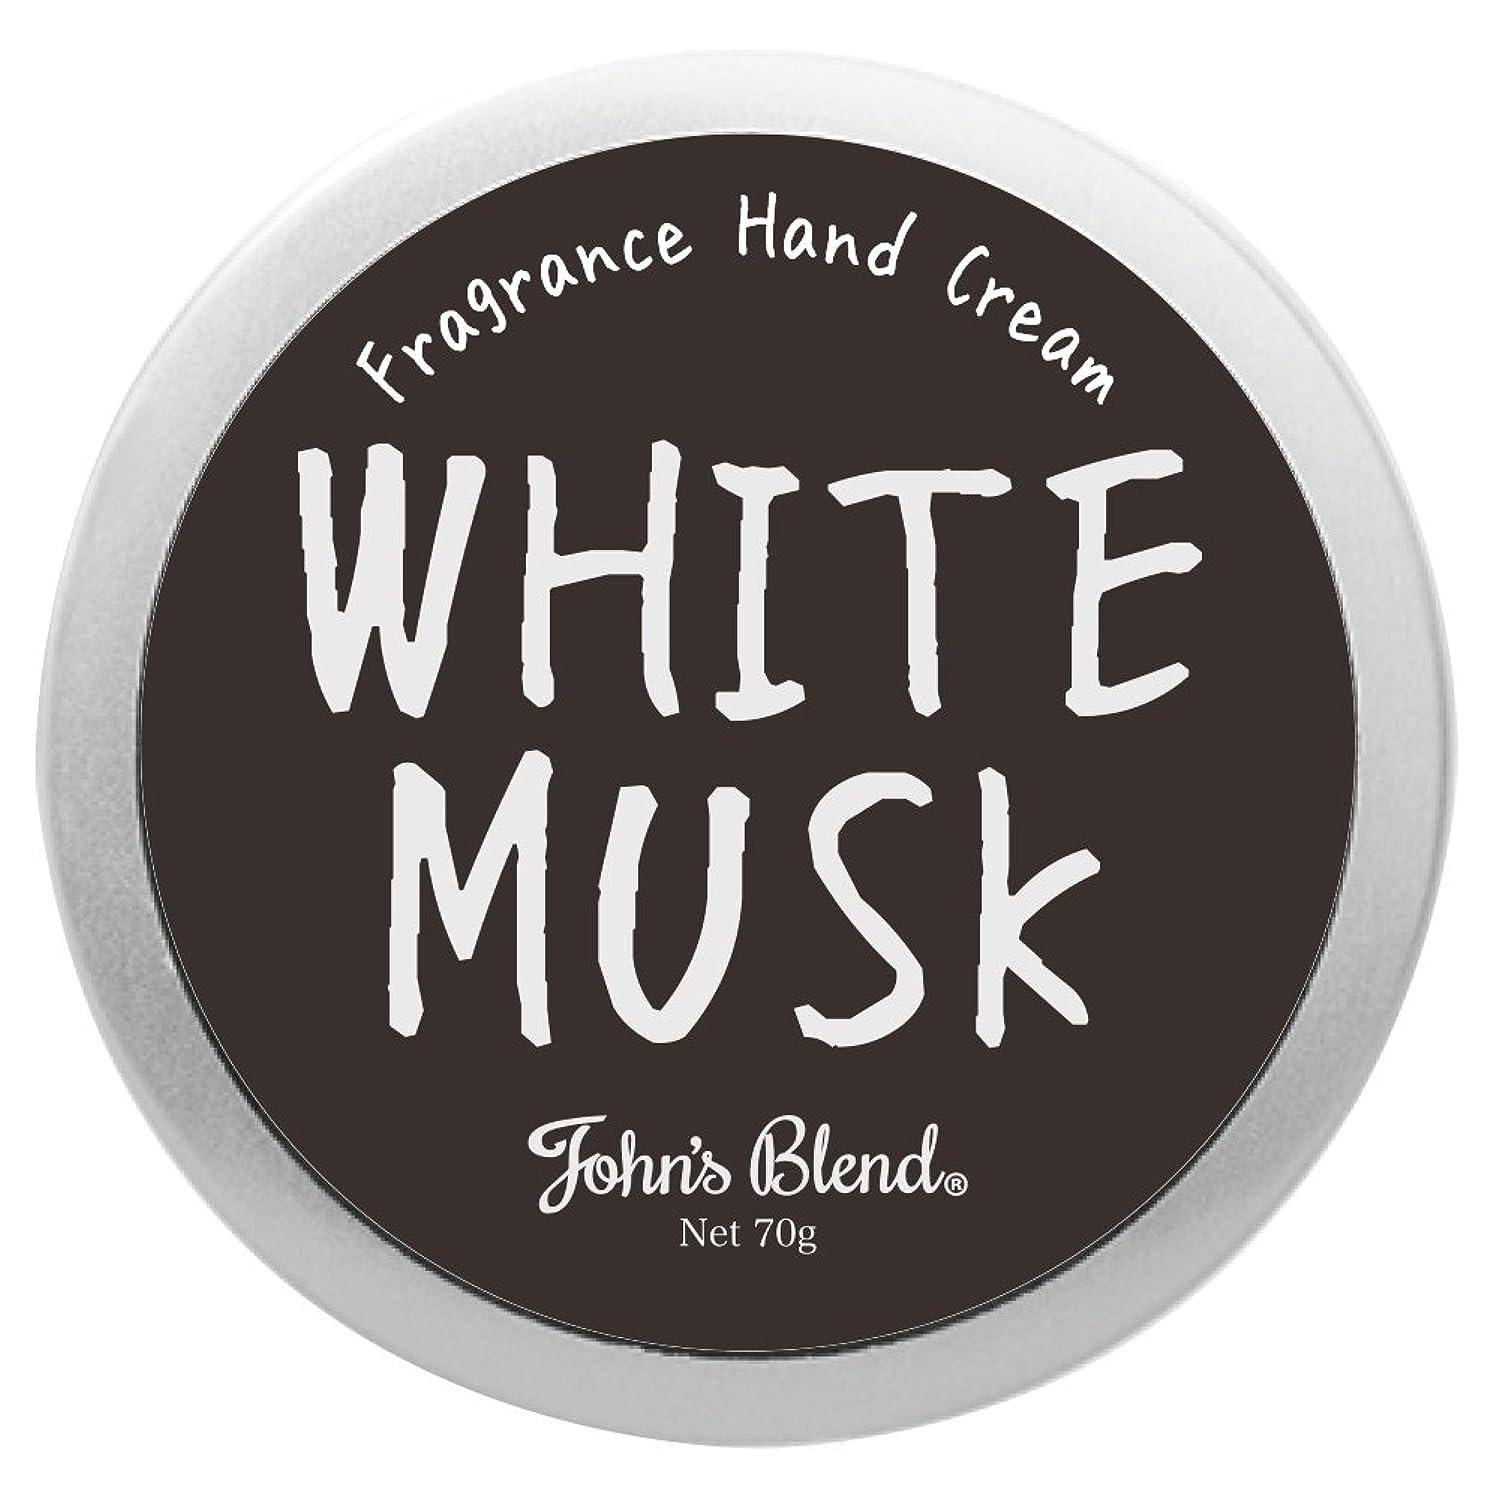 見積り荒らすメニューJohns Blend ハンドクリーム 70g ホワイトムスク の香り OZ-JOD-1-1